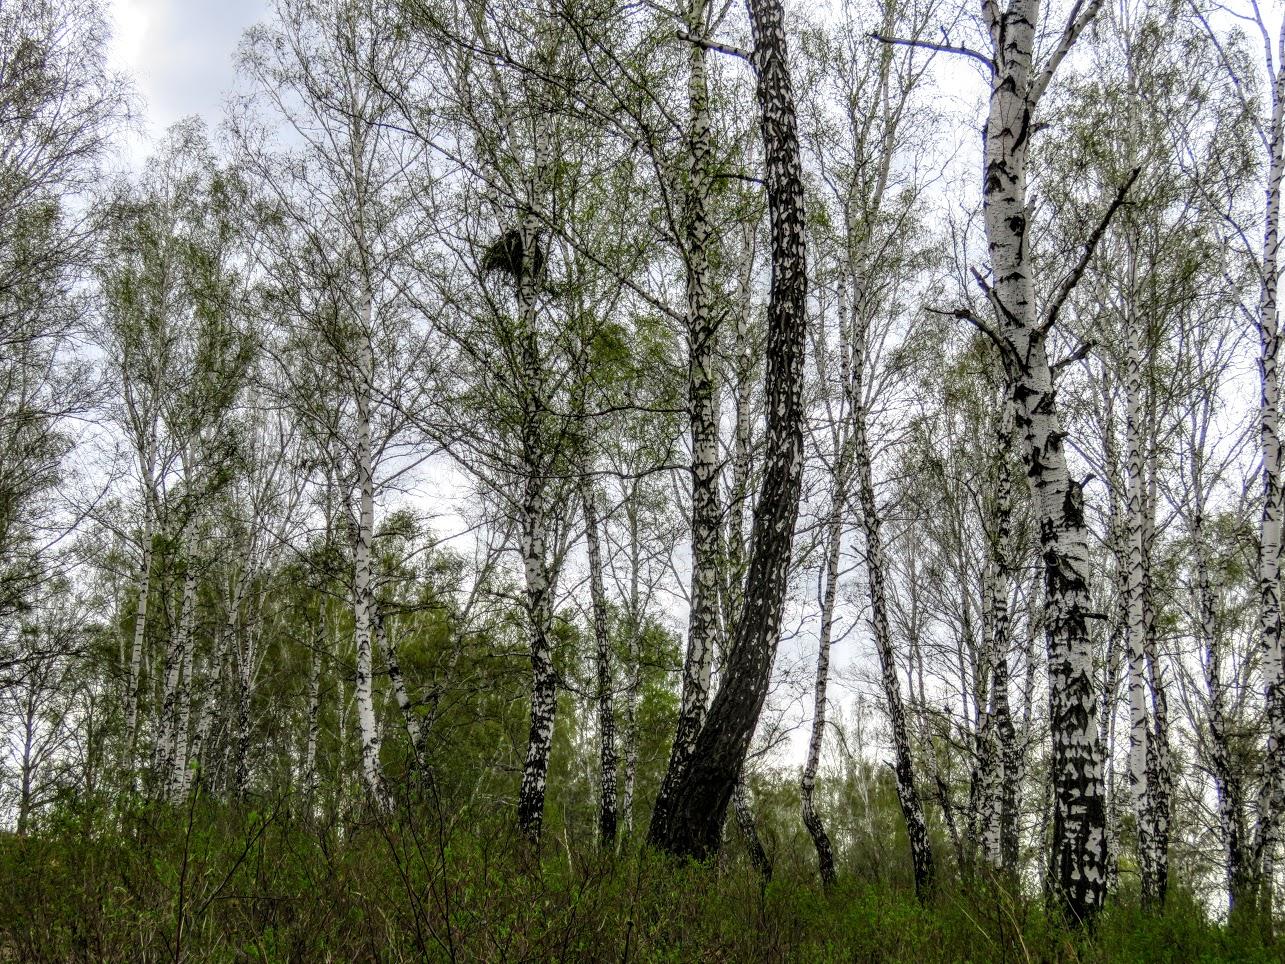 Фотоохота на чёрных коршунов. Рыжие котики и мороженое Сибирские голубые ели) IMG 0105